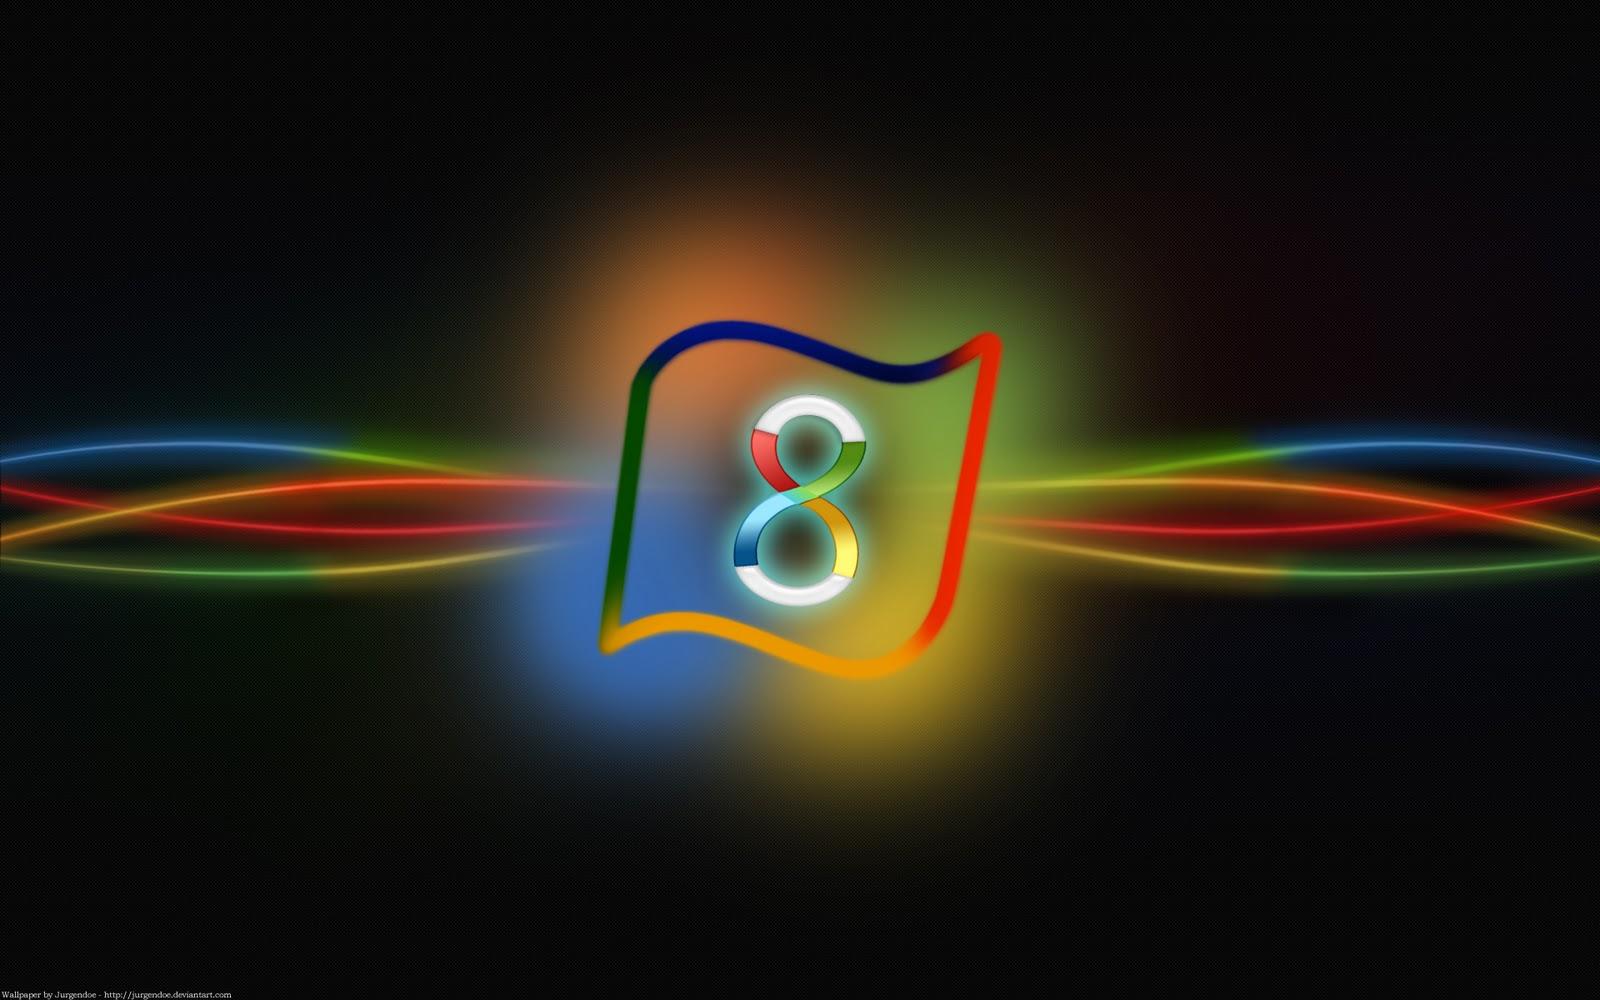 http://1.bp.blogspot.com/-rbrrGSd7hTo/Tw1ZPQCC_0I/AAAAAAAAA3Q/XKDg8mnWUQg/s1600/Windows-8-Neon-Wallpaper3.jpg